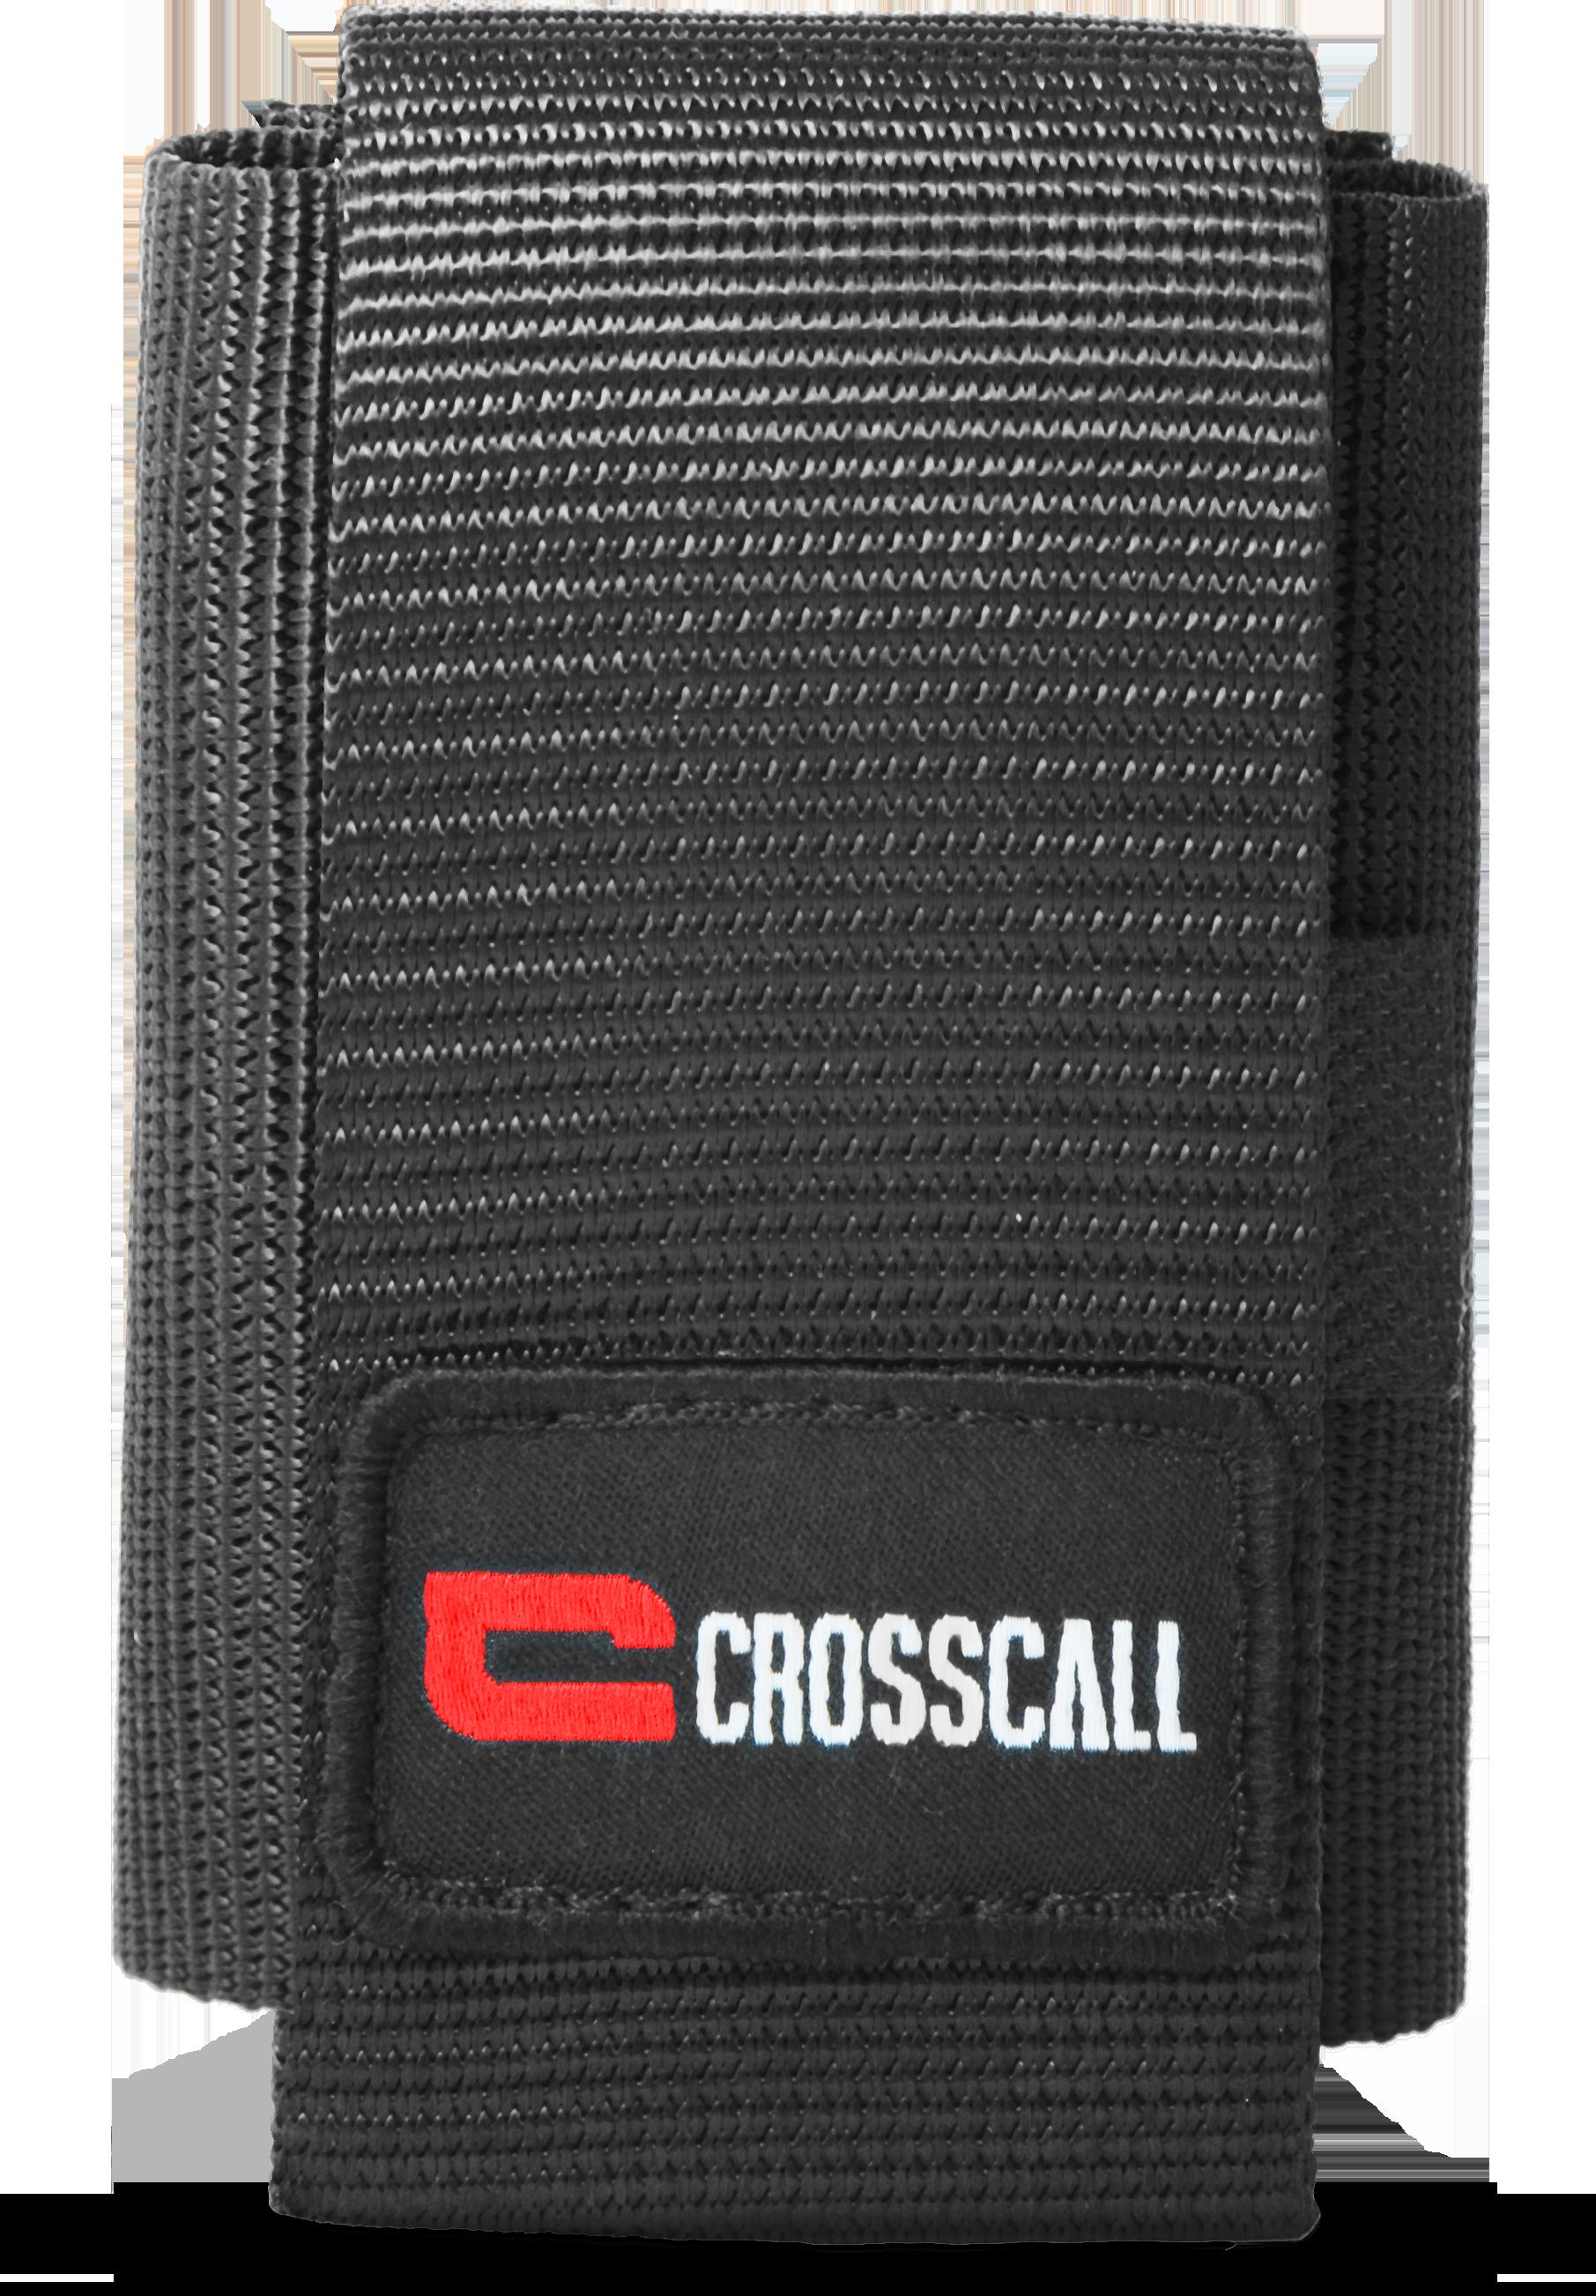 Housse noire de transport Crosscall taille L